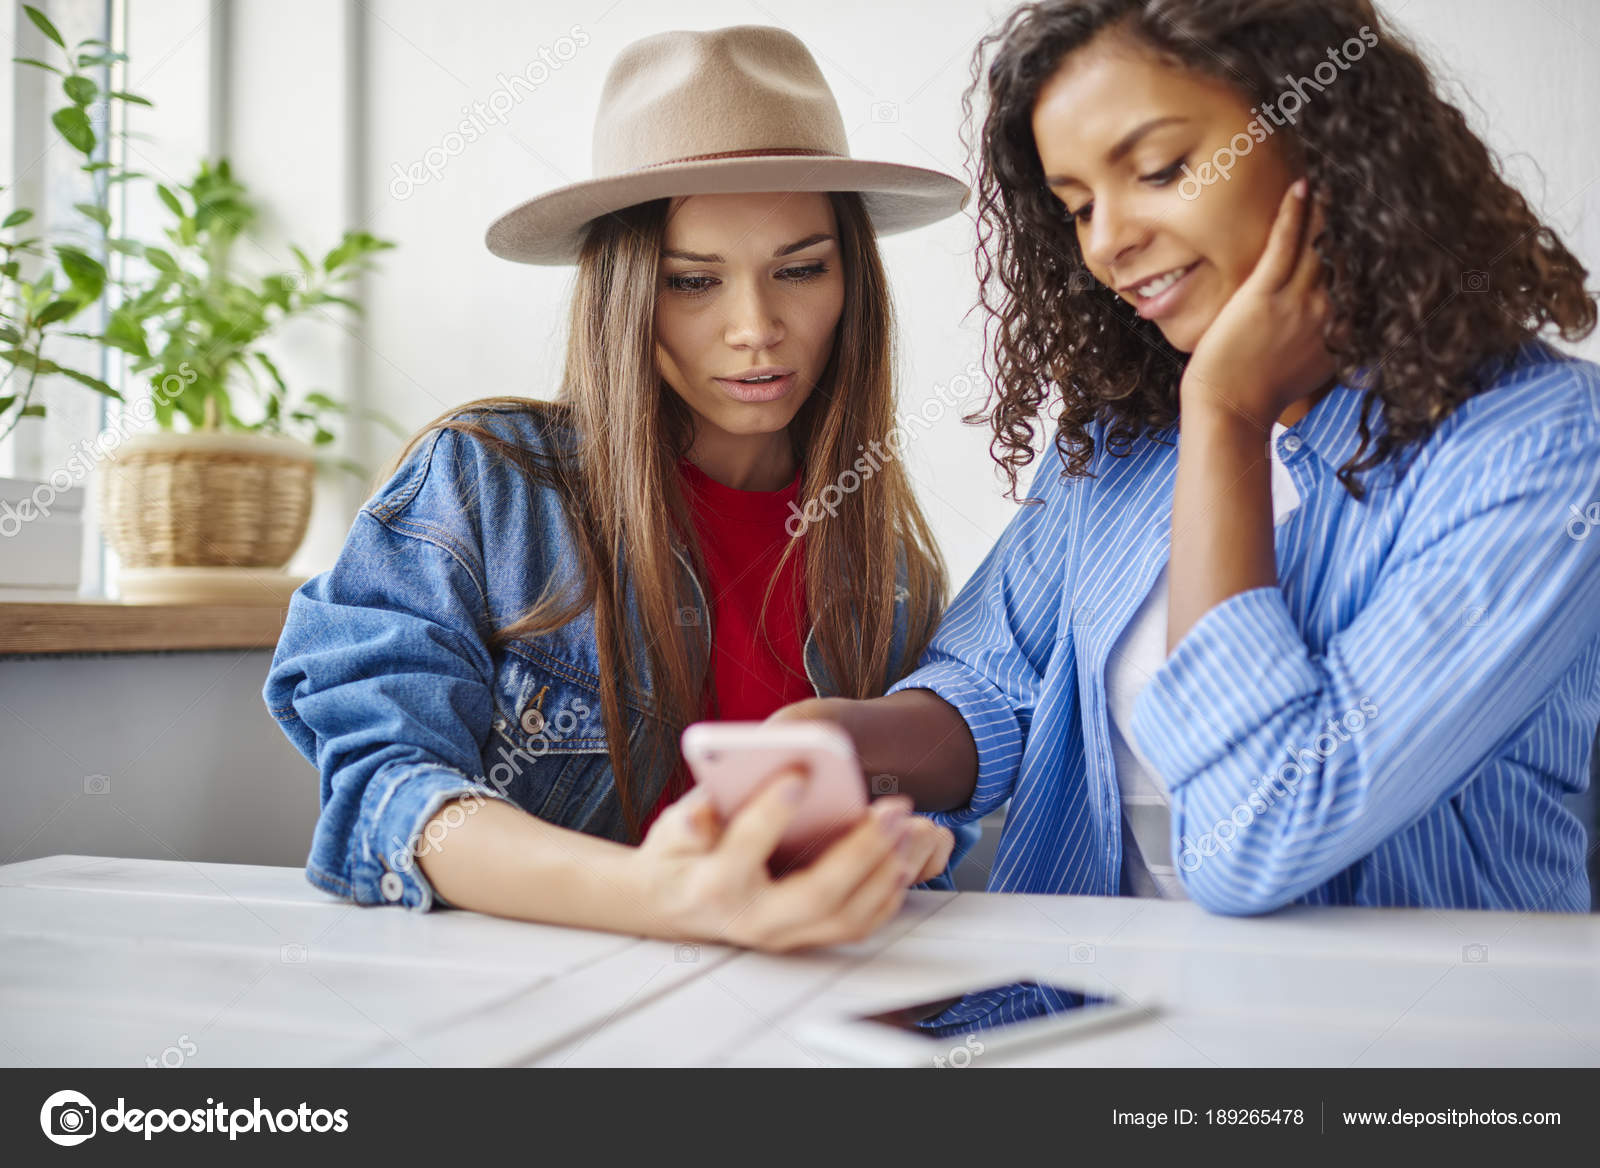 e19a9a9cf4b8 Mladé ženy nejlepší přítel procházení webu ukládat stránky na smartphone  projednávání položky během volného času v kavárně